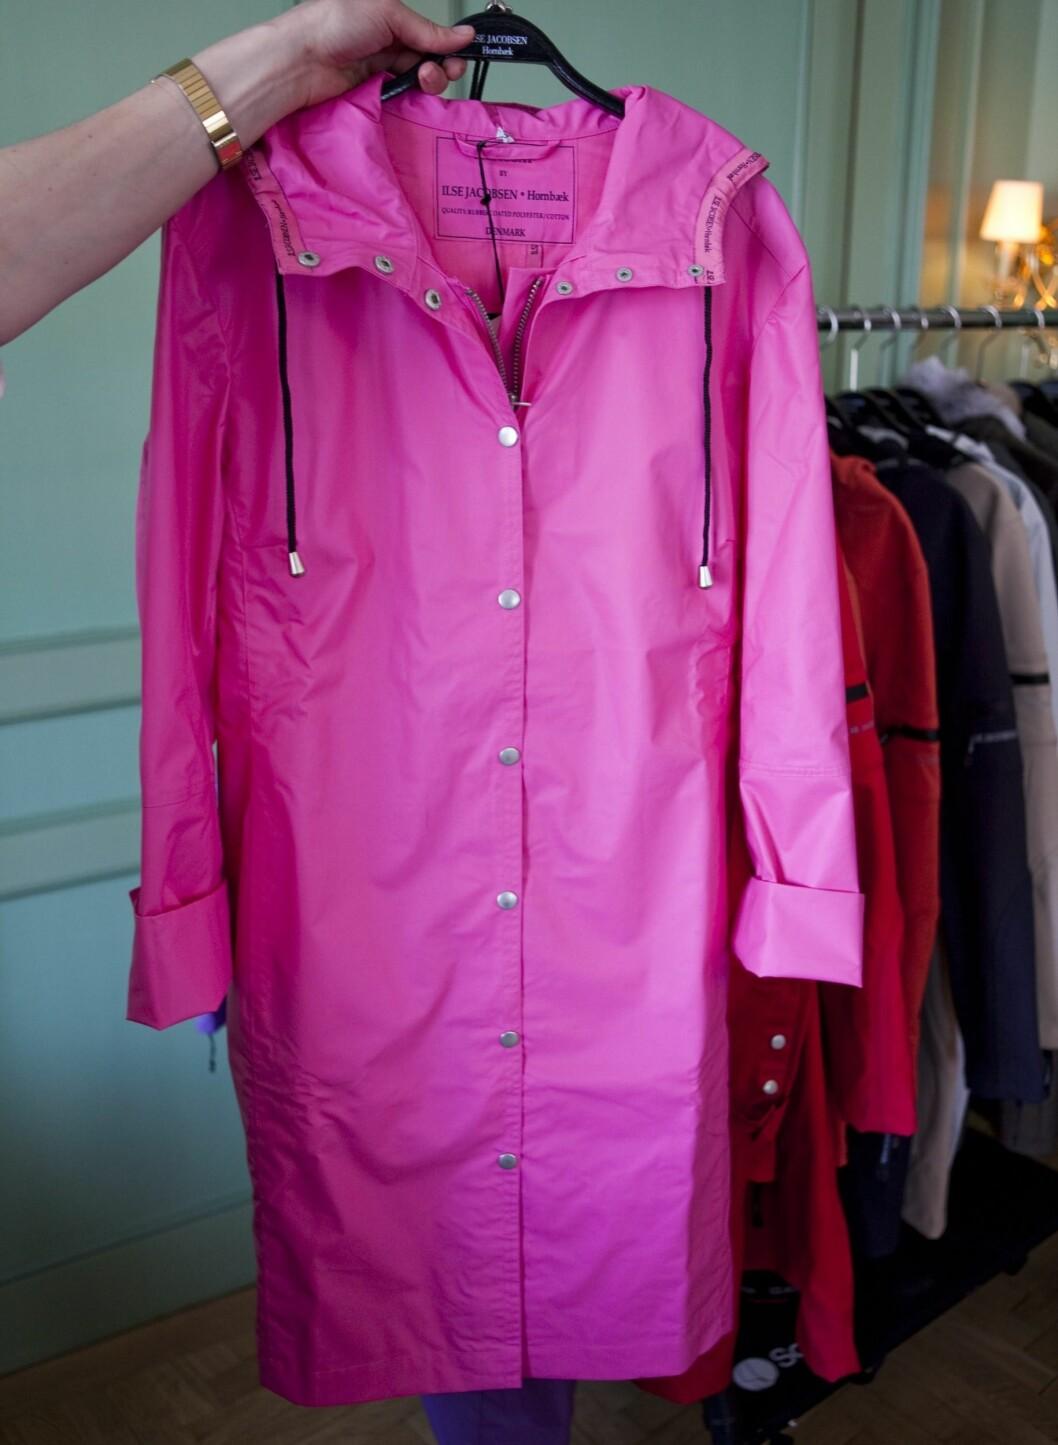 Jeg har vært hemmelig forelskelse i rosa i hele sommer. Kanskje tiden er inne for å kline til - i alle fall på grå regnværsdager - med denne klassiske regnfrakken? Cirka kr 1200, Ilse Jacobsen.